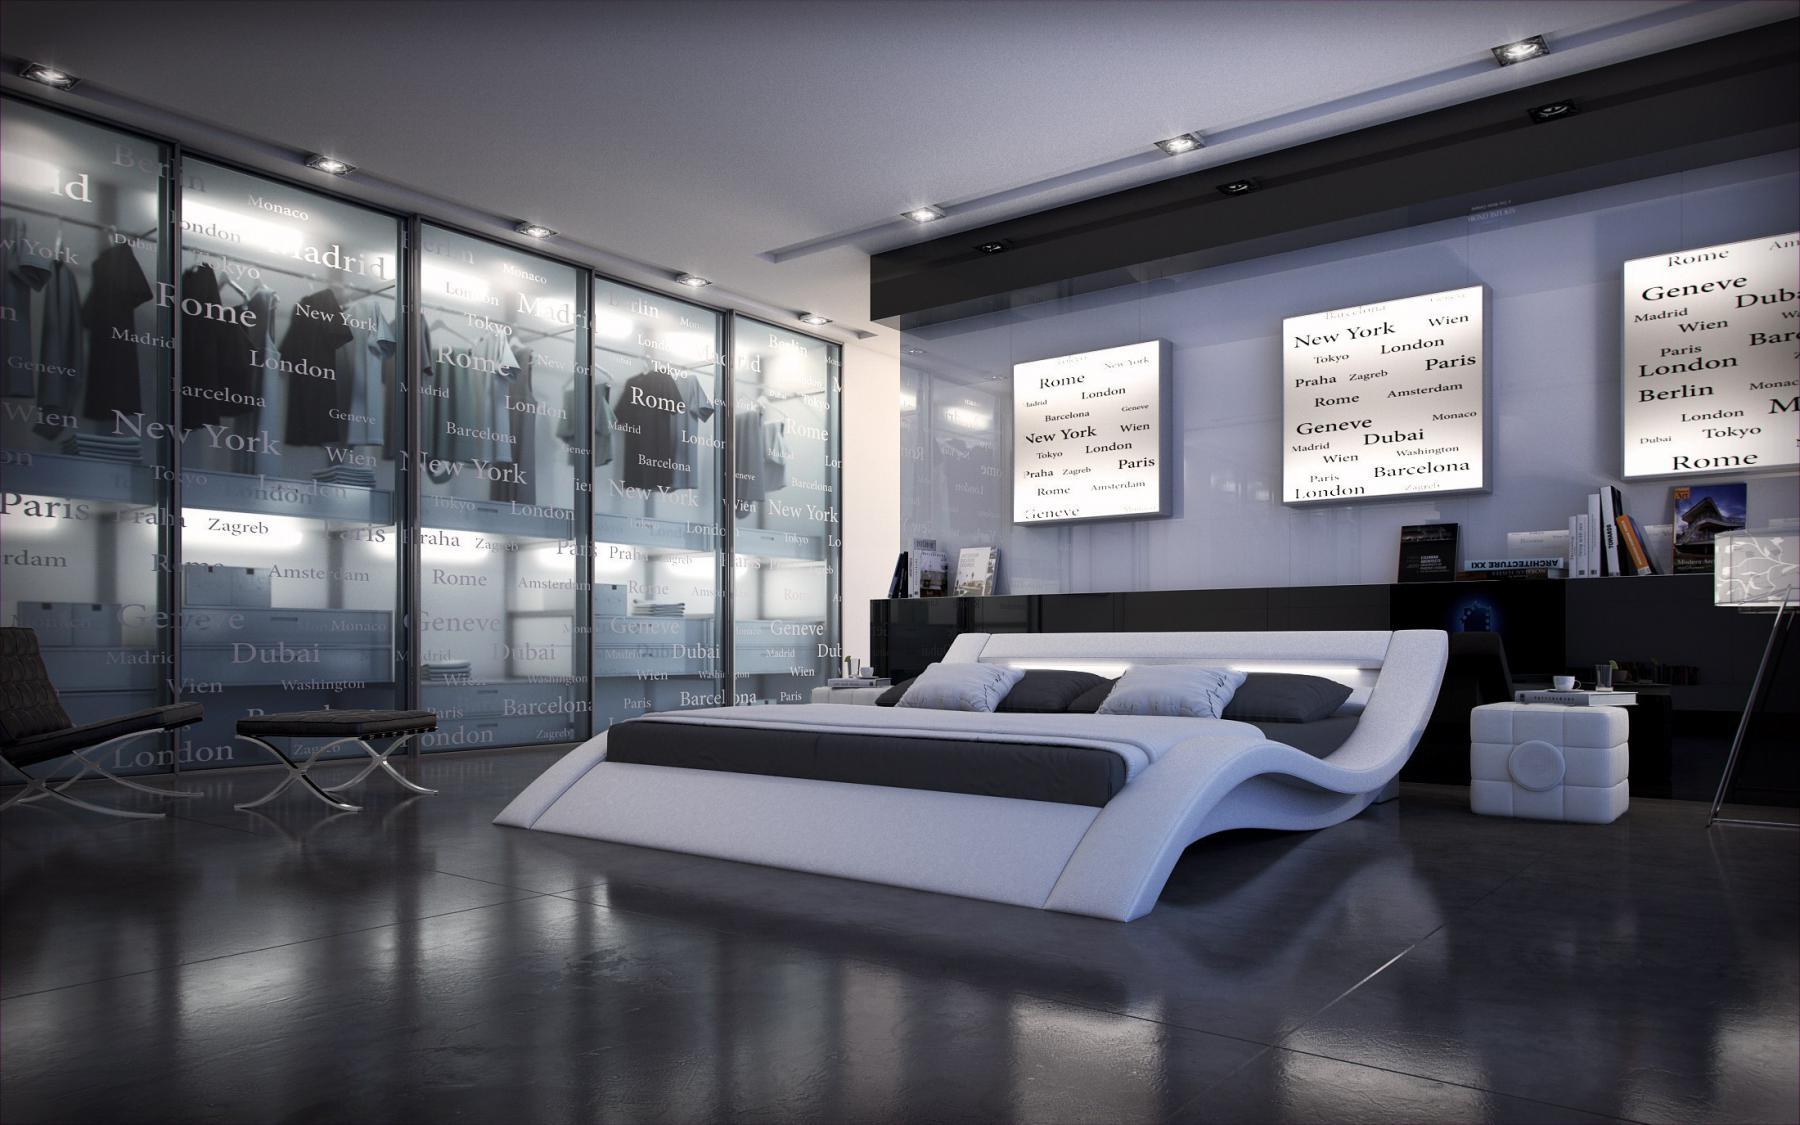 Full Size of Bett 220 X 200 5a69cc120c02b Kopfteil Tagesdecken Für Betten Mit Gästebett überlänge Komforthöhe Bettkasten 180x200 Wohnwert Möbel Boss Komplett Weiß Bett Bett 220 X 200